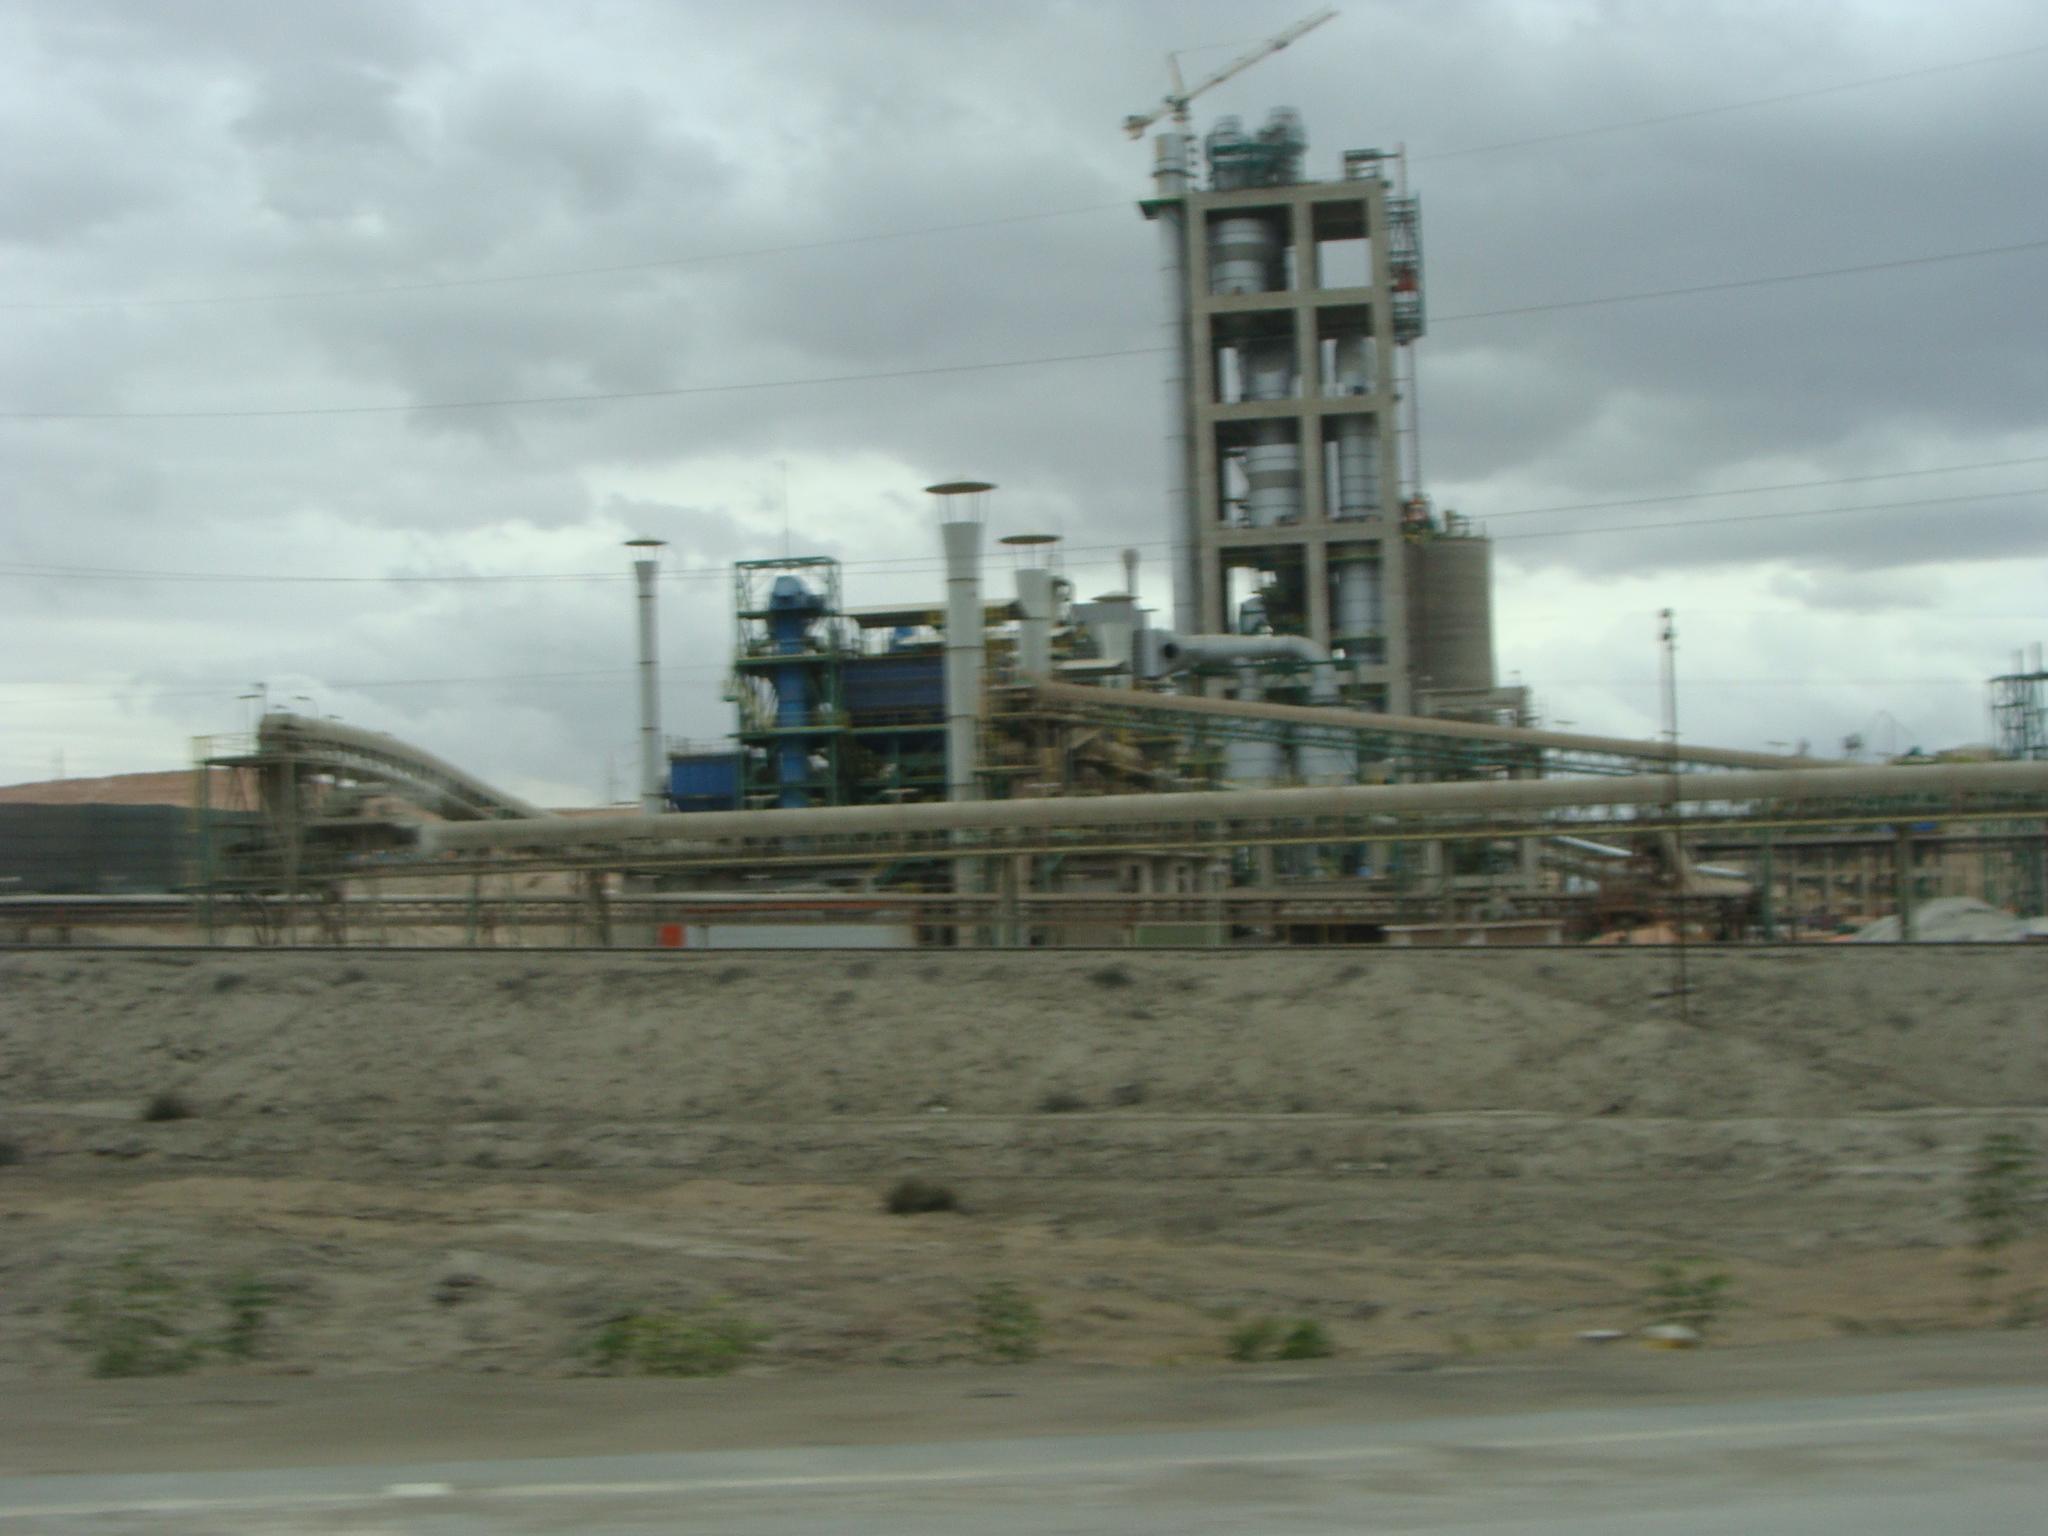 Na cestě do Arequipy - cementárna dne 19 .2. 2011